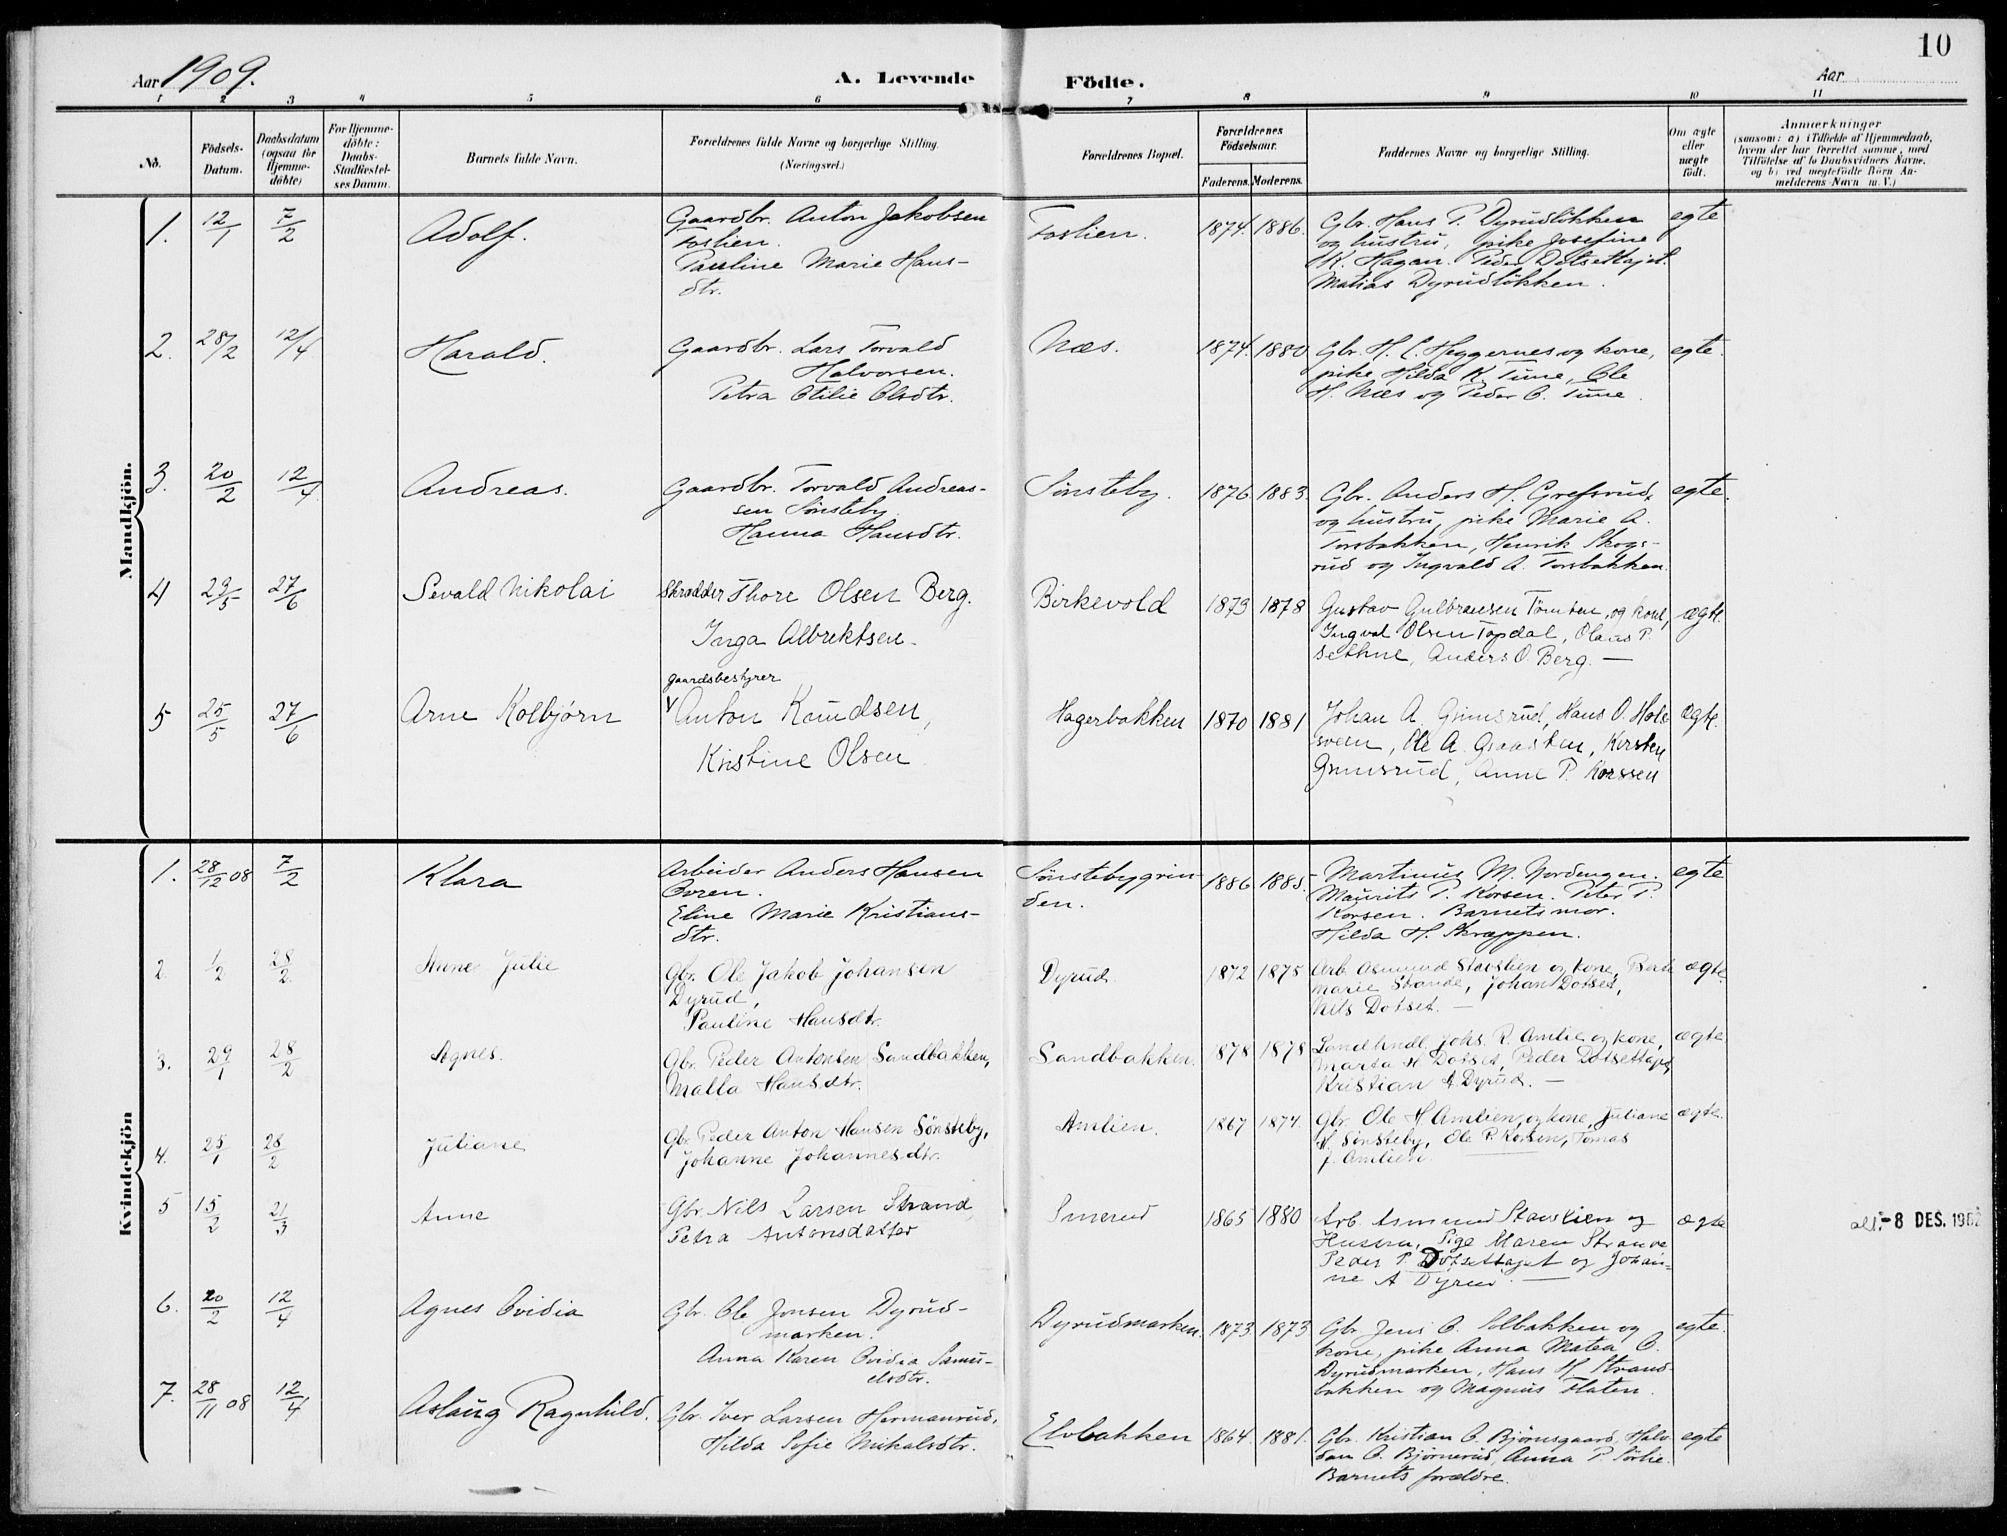 SAH, Kolbu prestekontor, Ministerialbok nr. 1, 1907-1923, s. 10